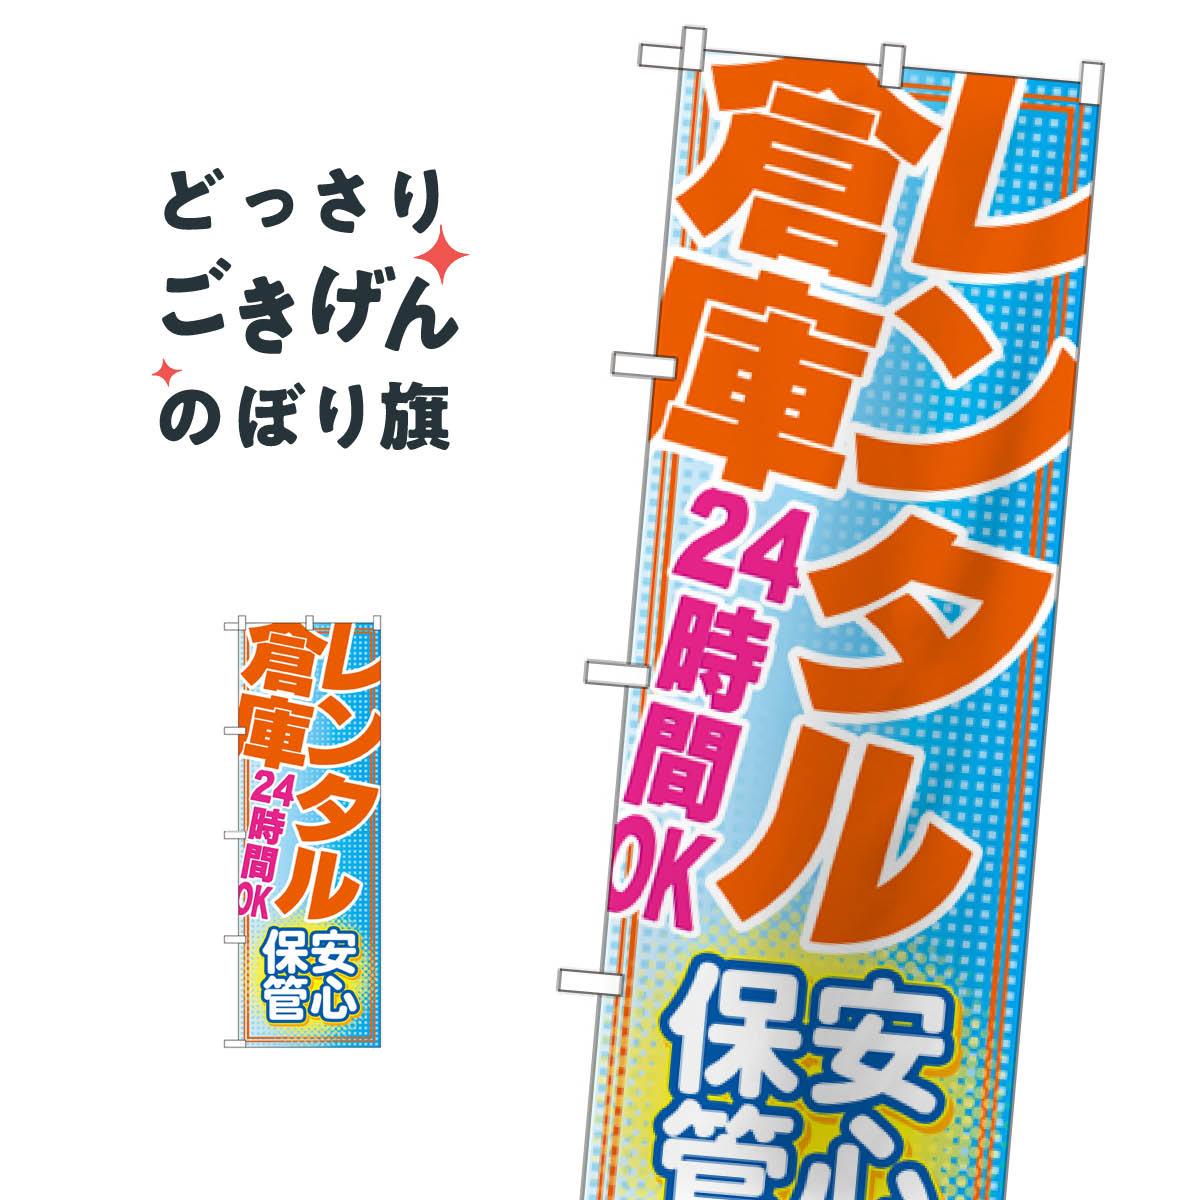 レンタル倉庫24時間OK のぼり旗 GNB-1987 貸し物件